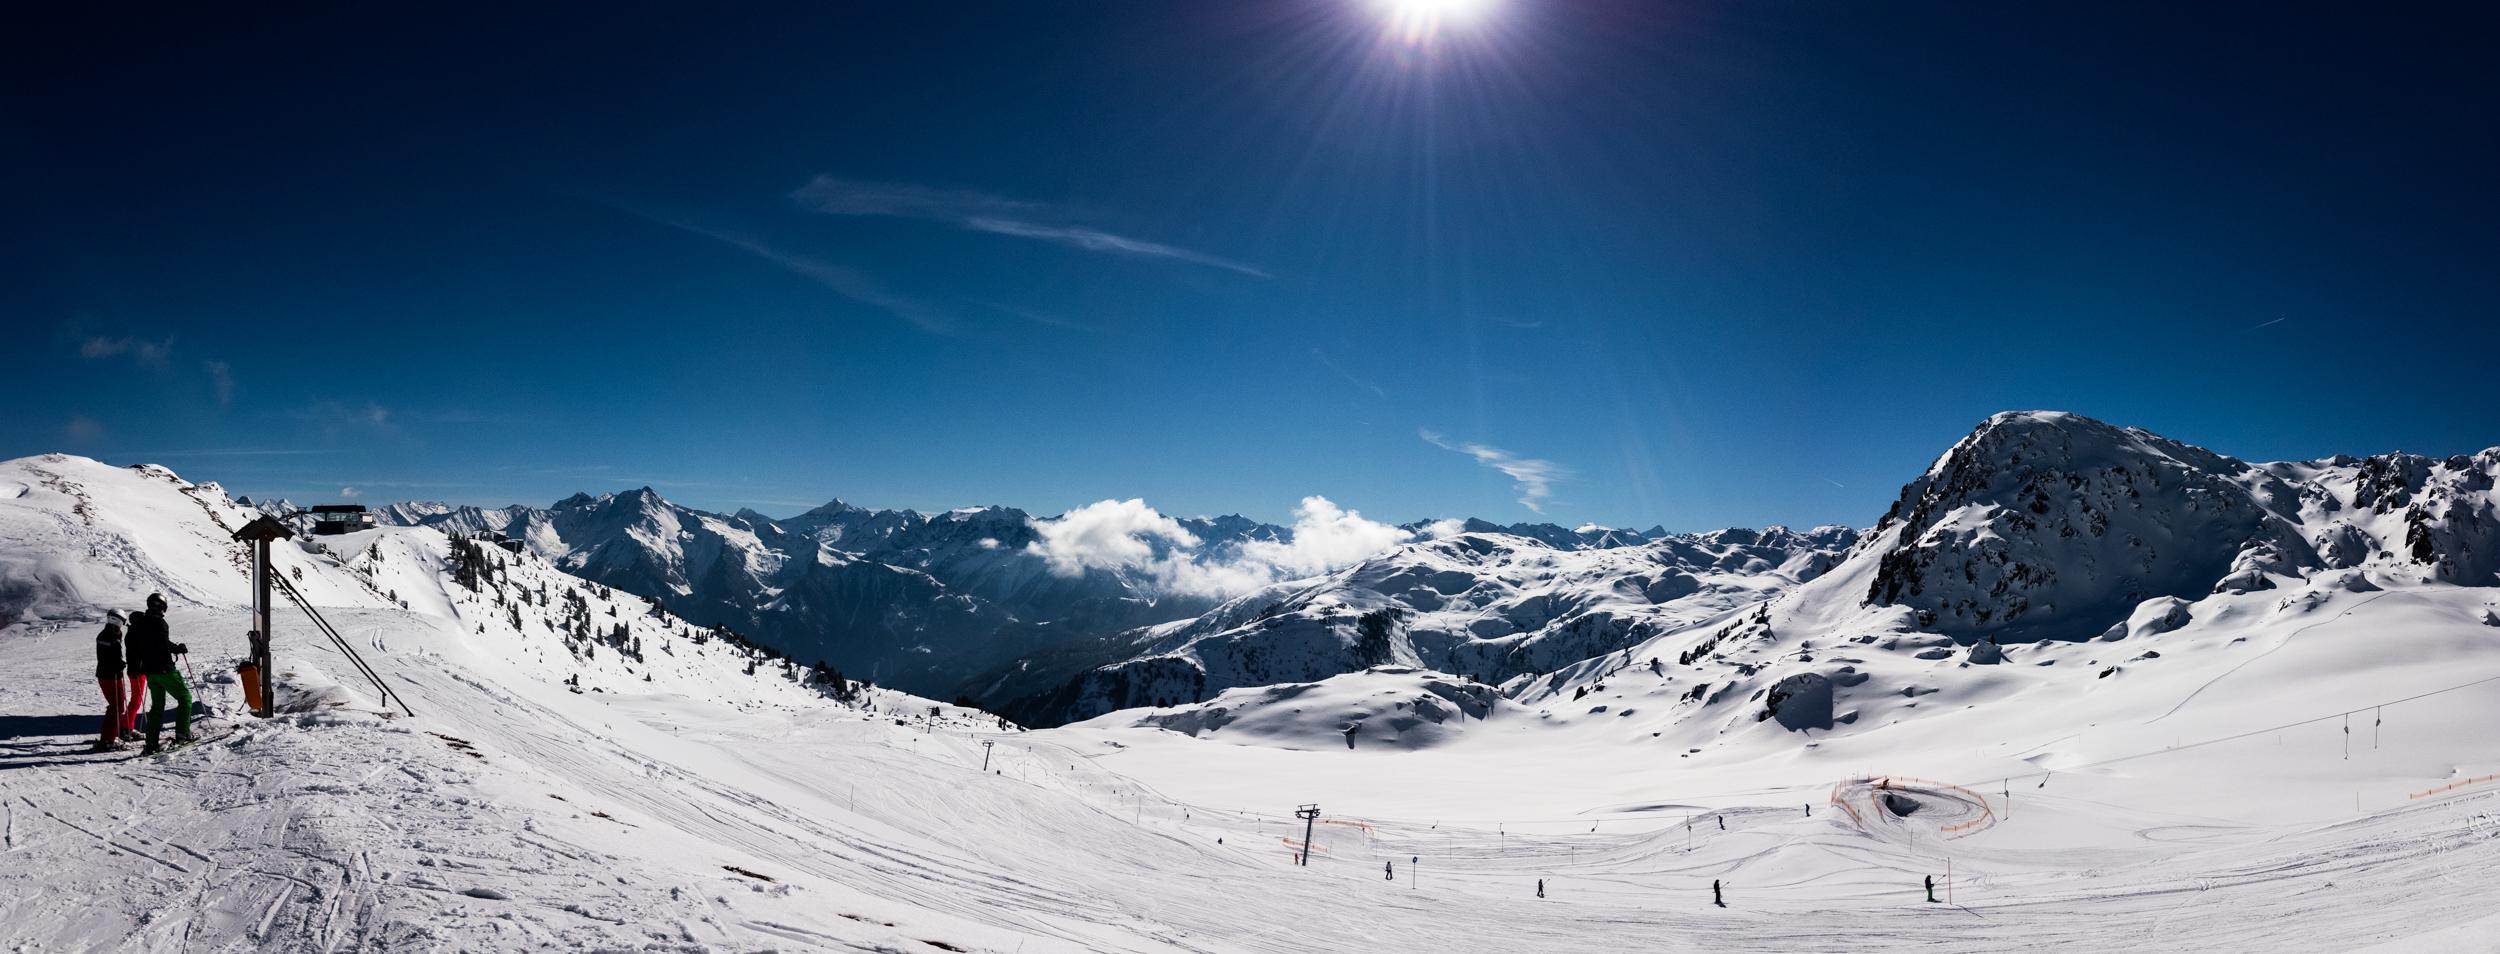 skiday 17_05.jpg